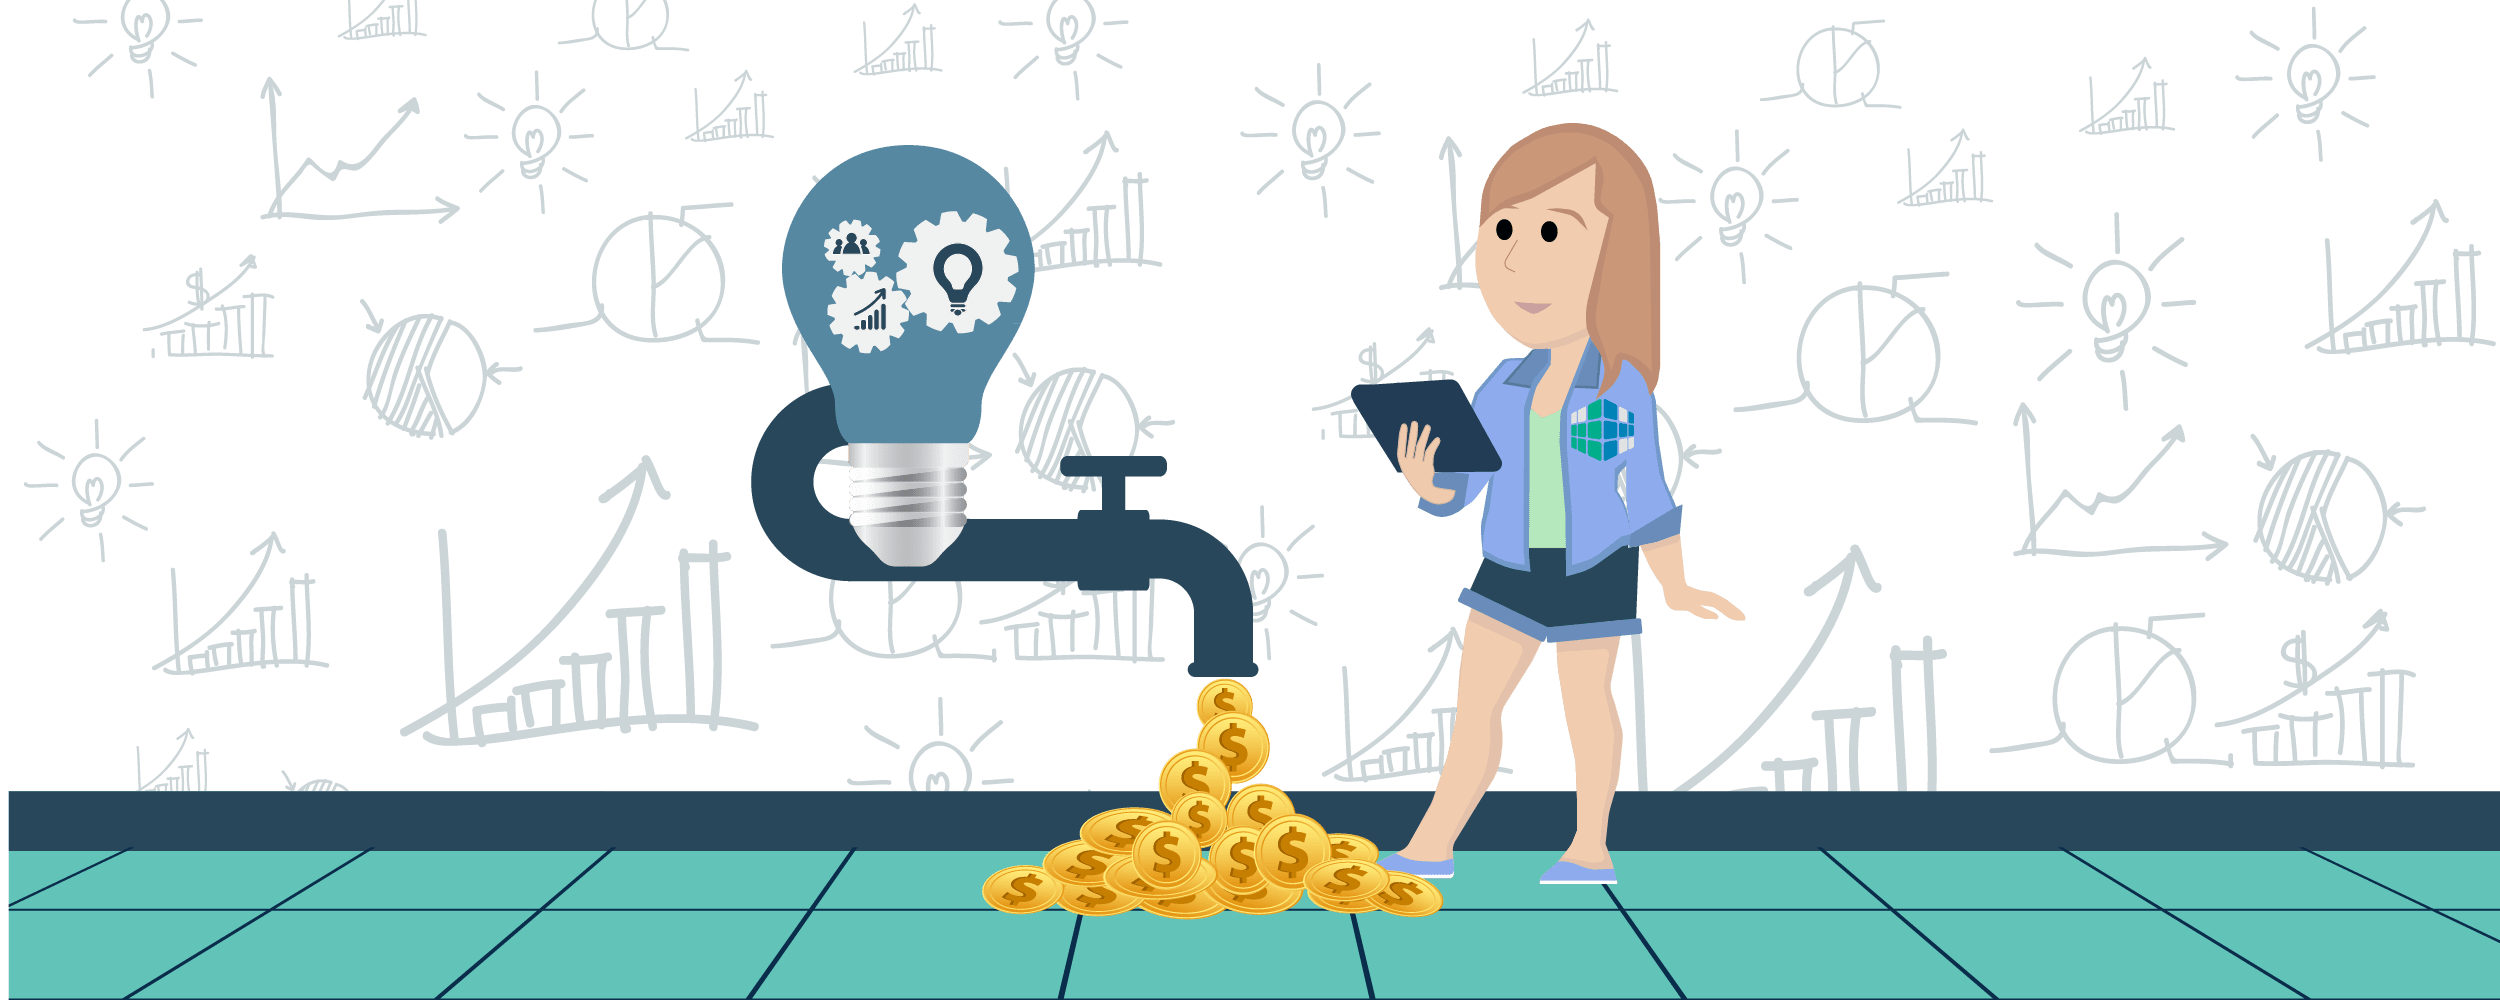 Зачем нужно обучение финансовой грамотности